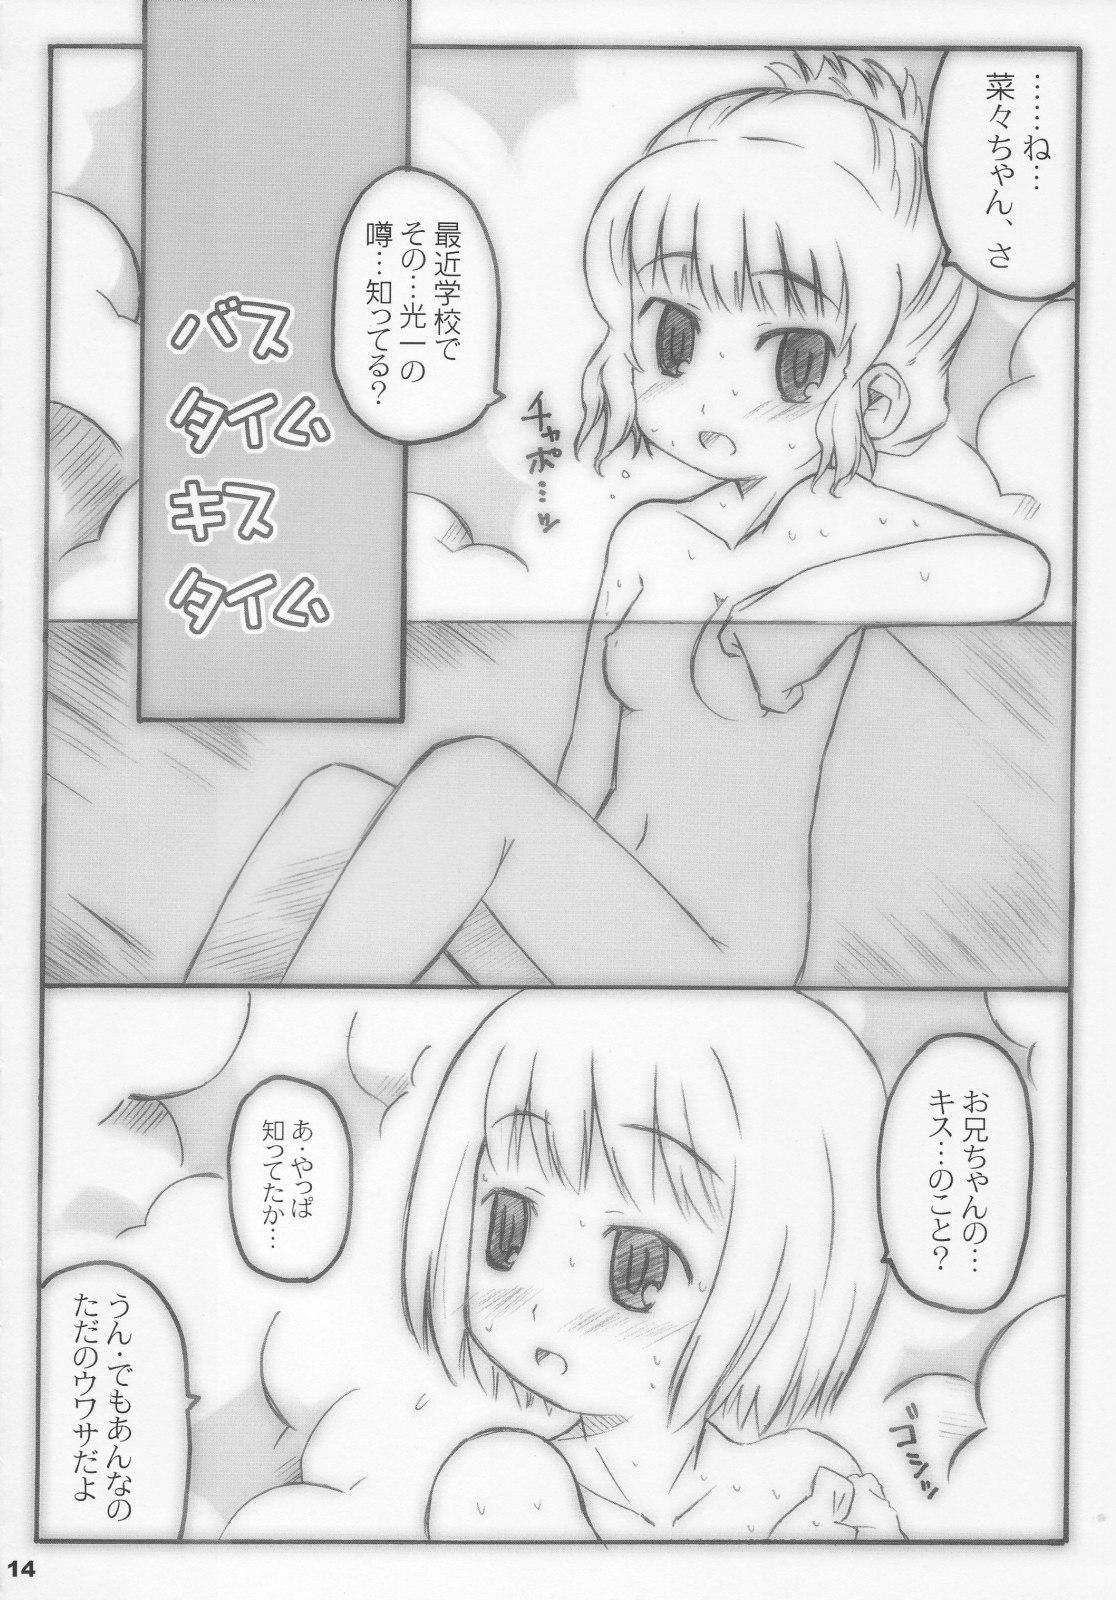 Kimichu! 12